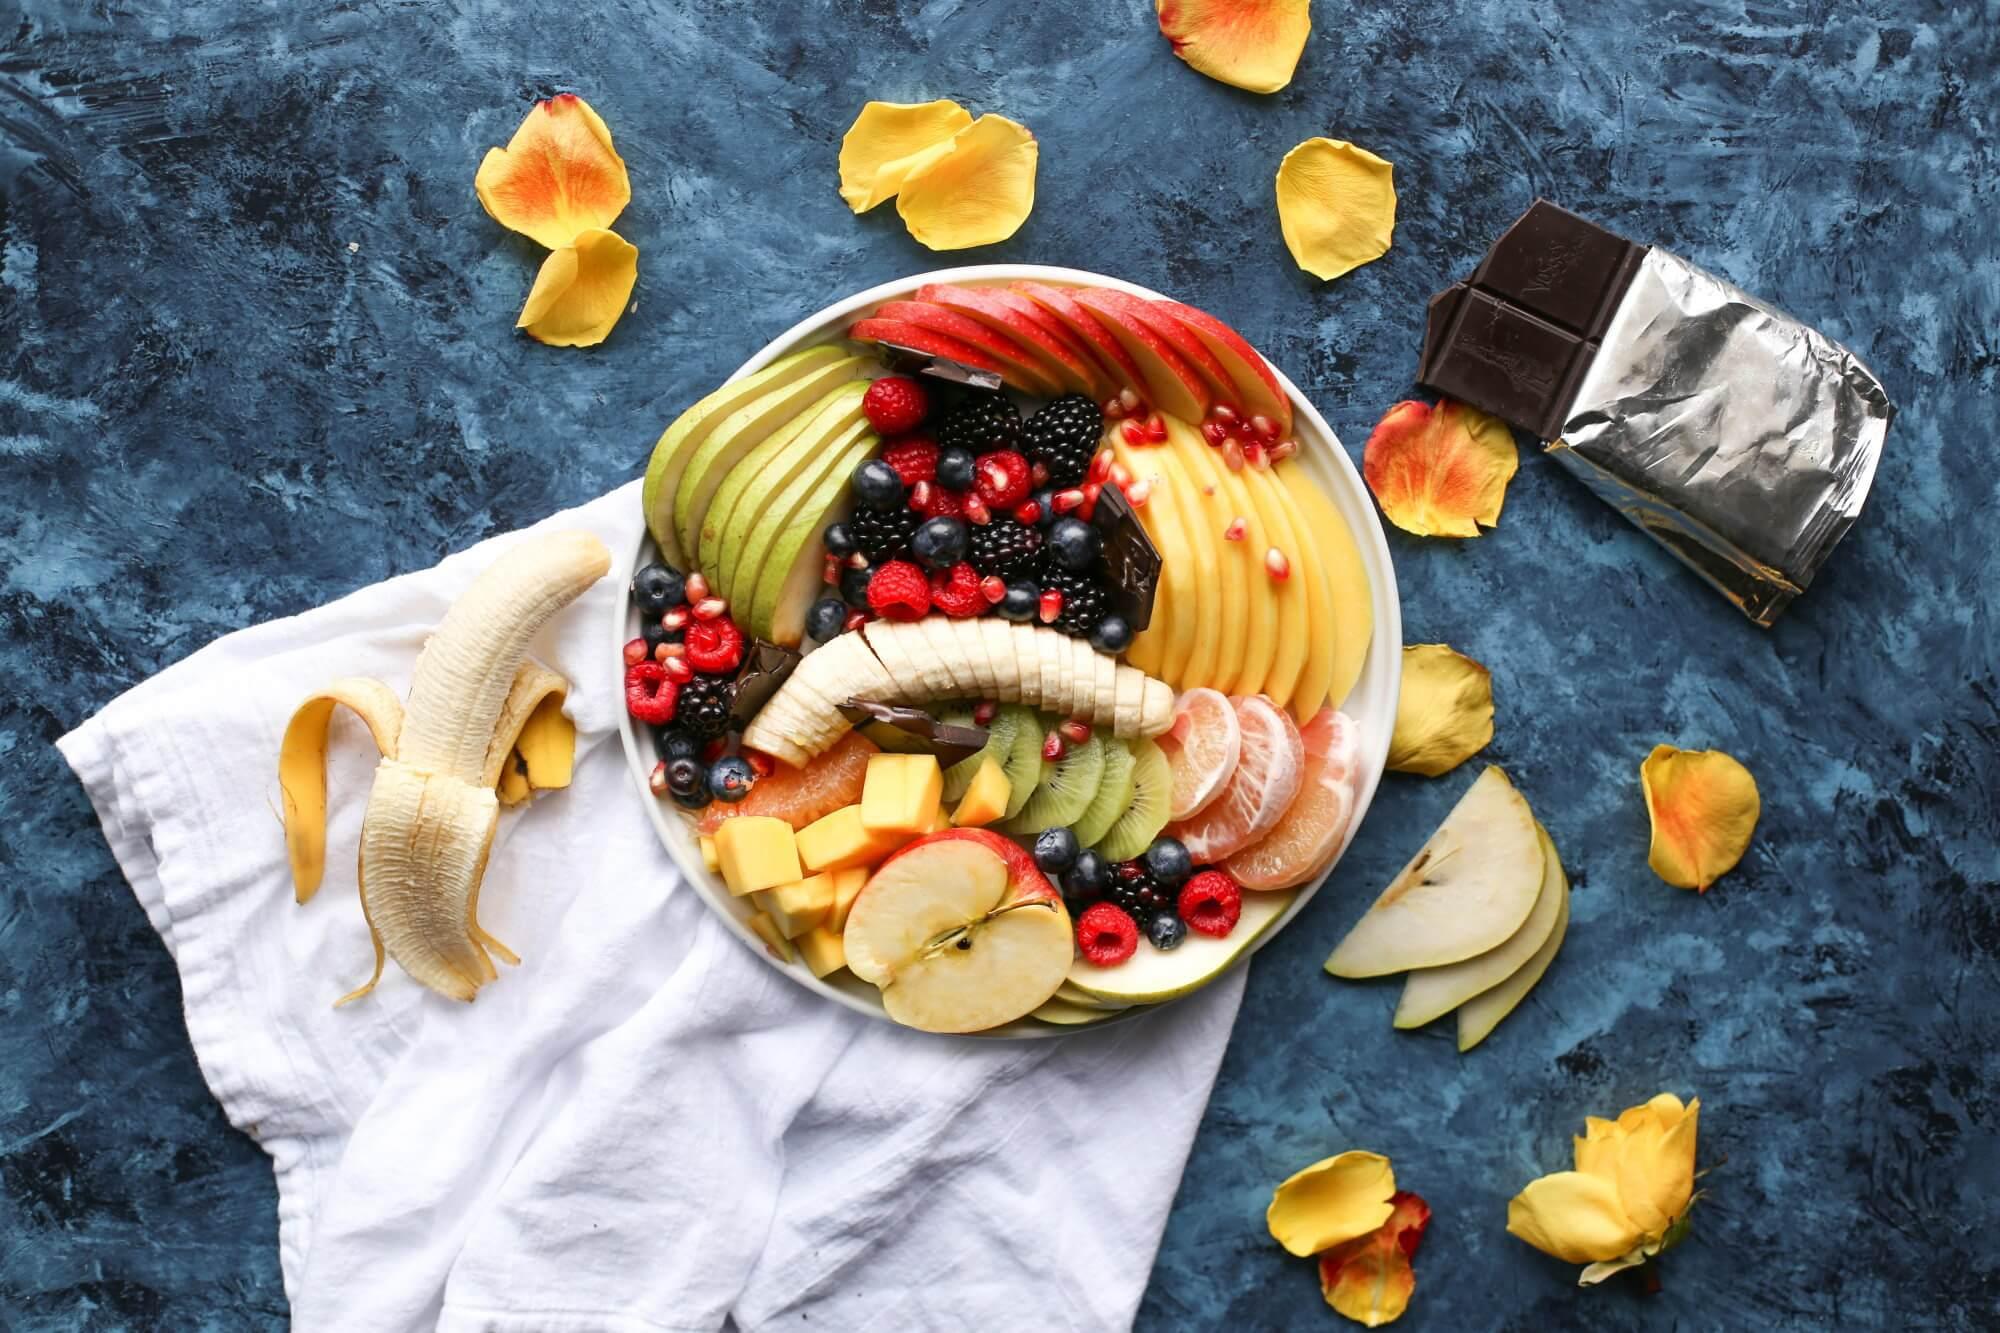 Правда ли, что неправильное питание приводит к депрессии?